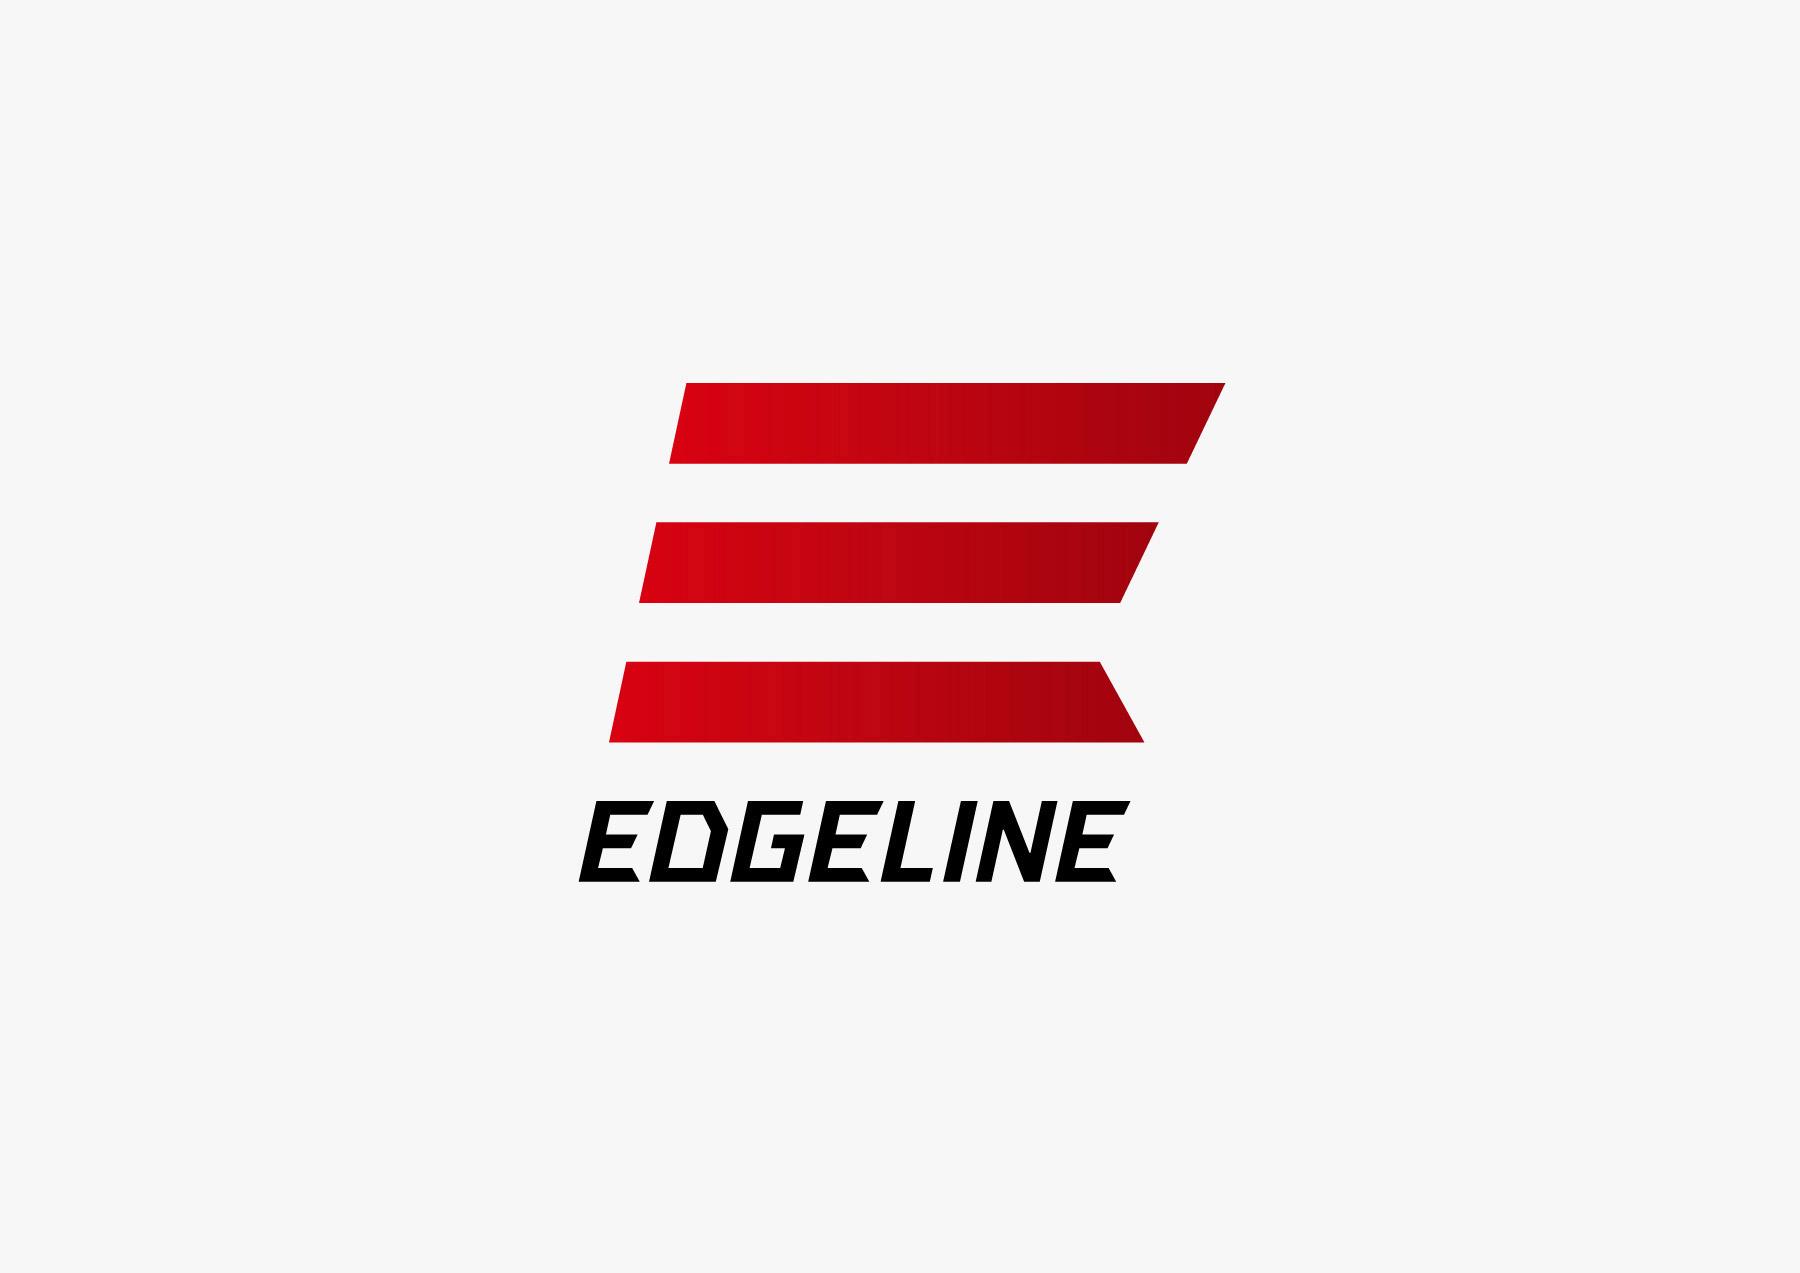 edgeline1